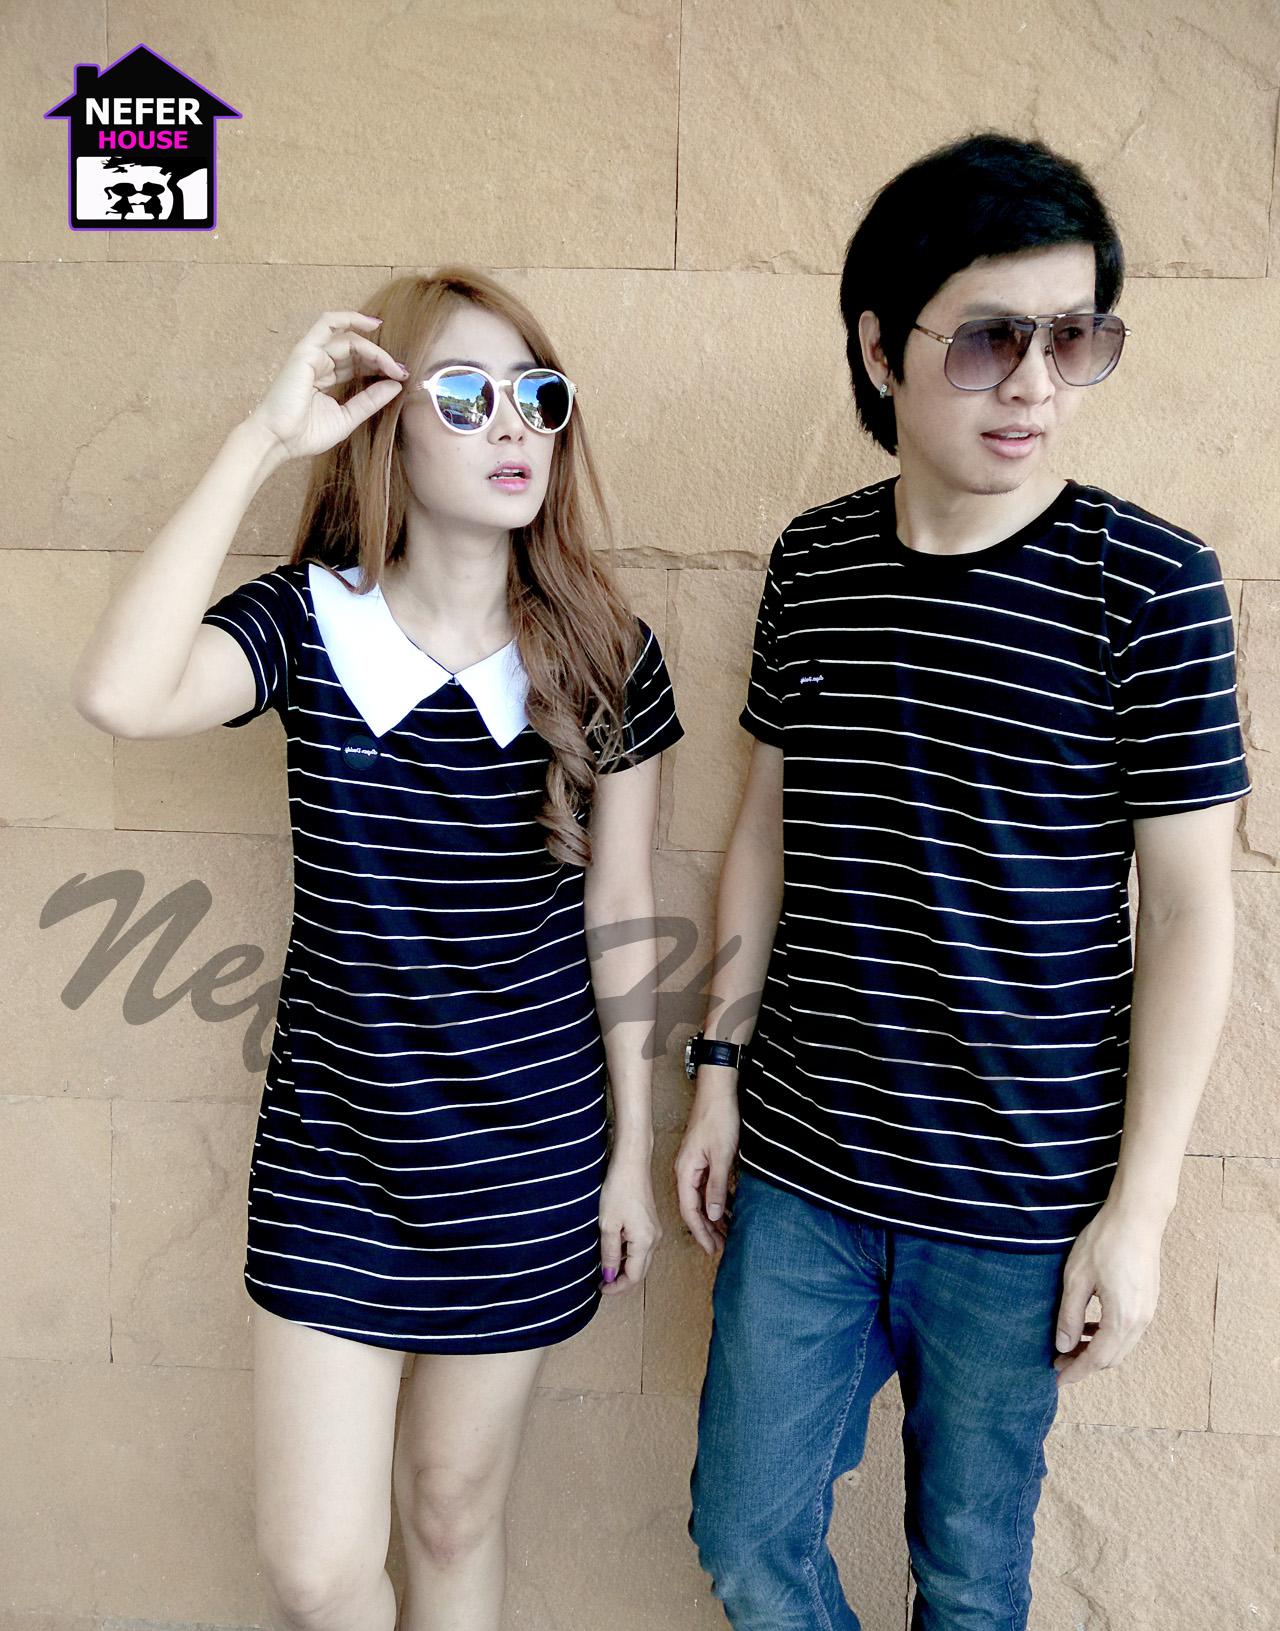 เสื้อคู่เกาหลี ผ้ายืดโปโลสีน้ำเงินริ้วขาวแต่งดีเทลปกขาว